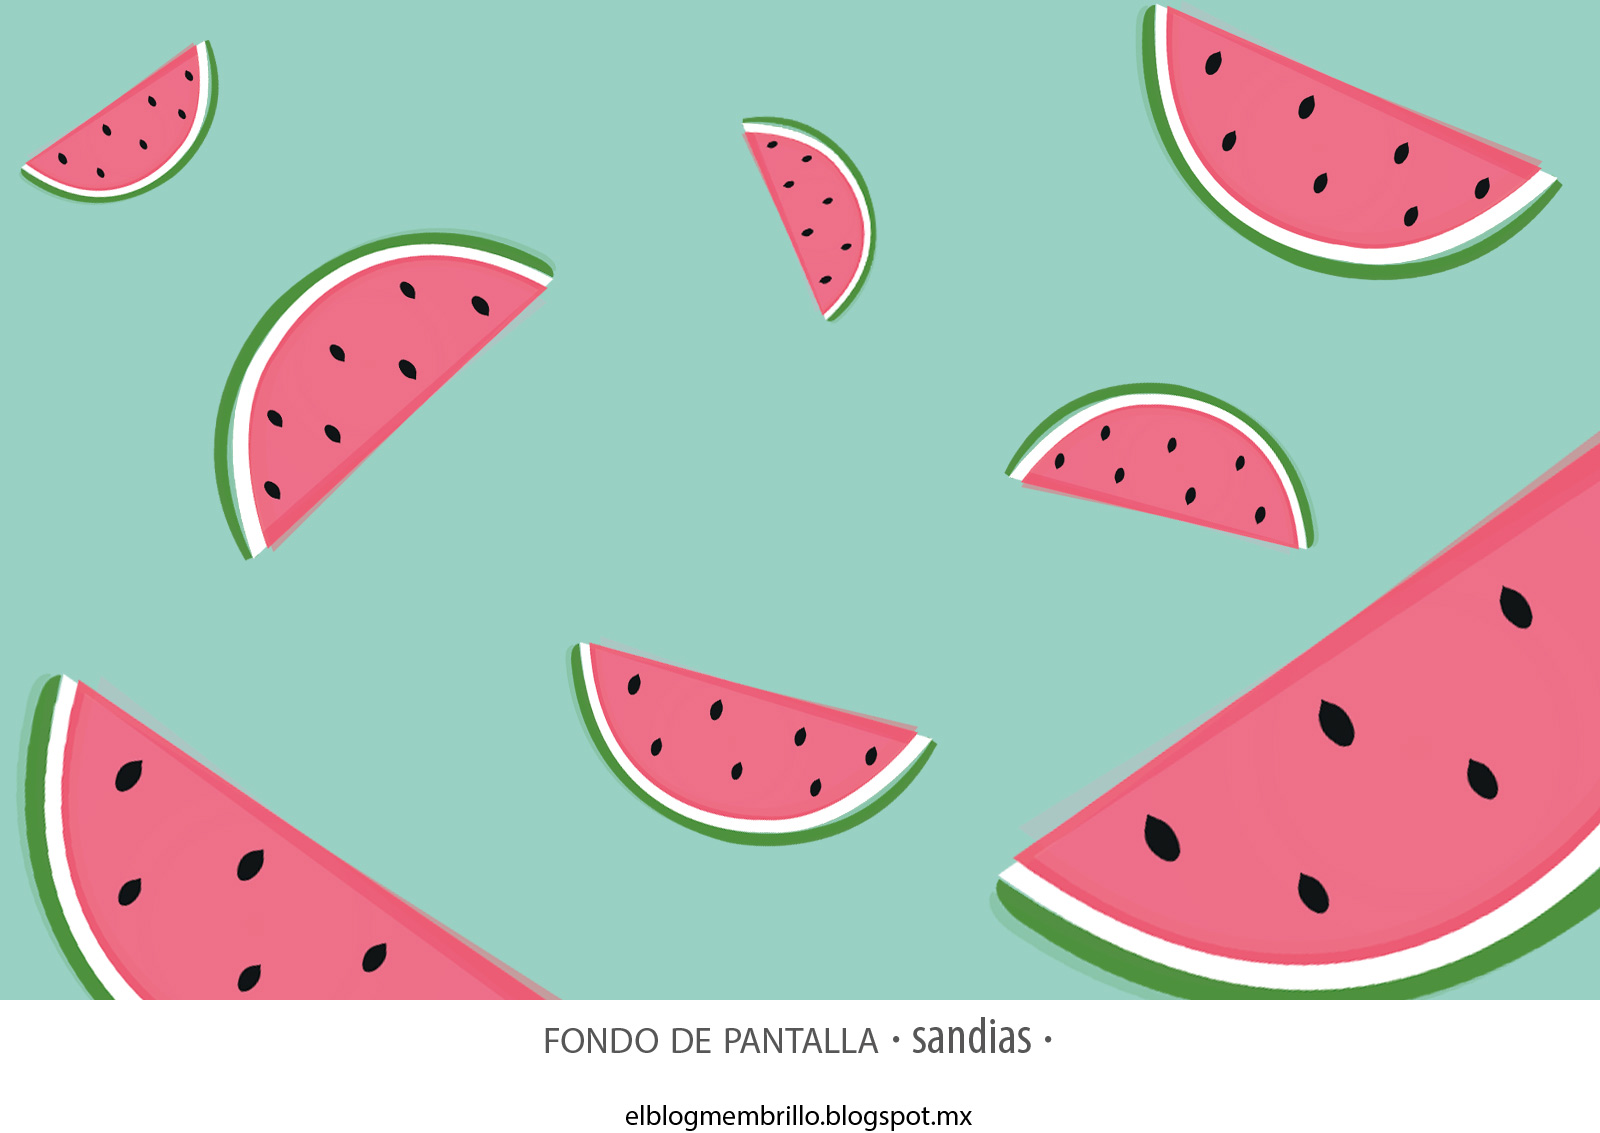 Imagenes De Sandias Para Fondo De Pantalla: El Blog Membrillo